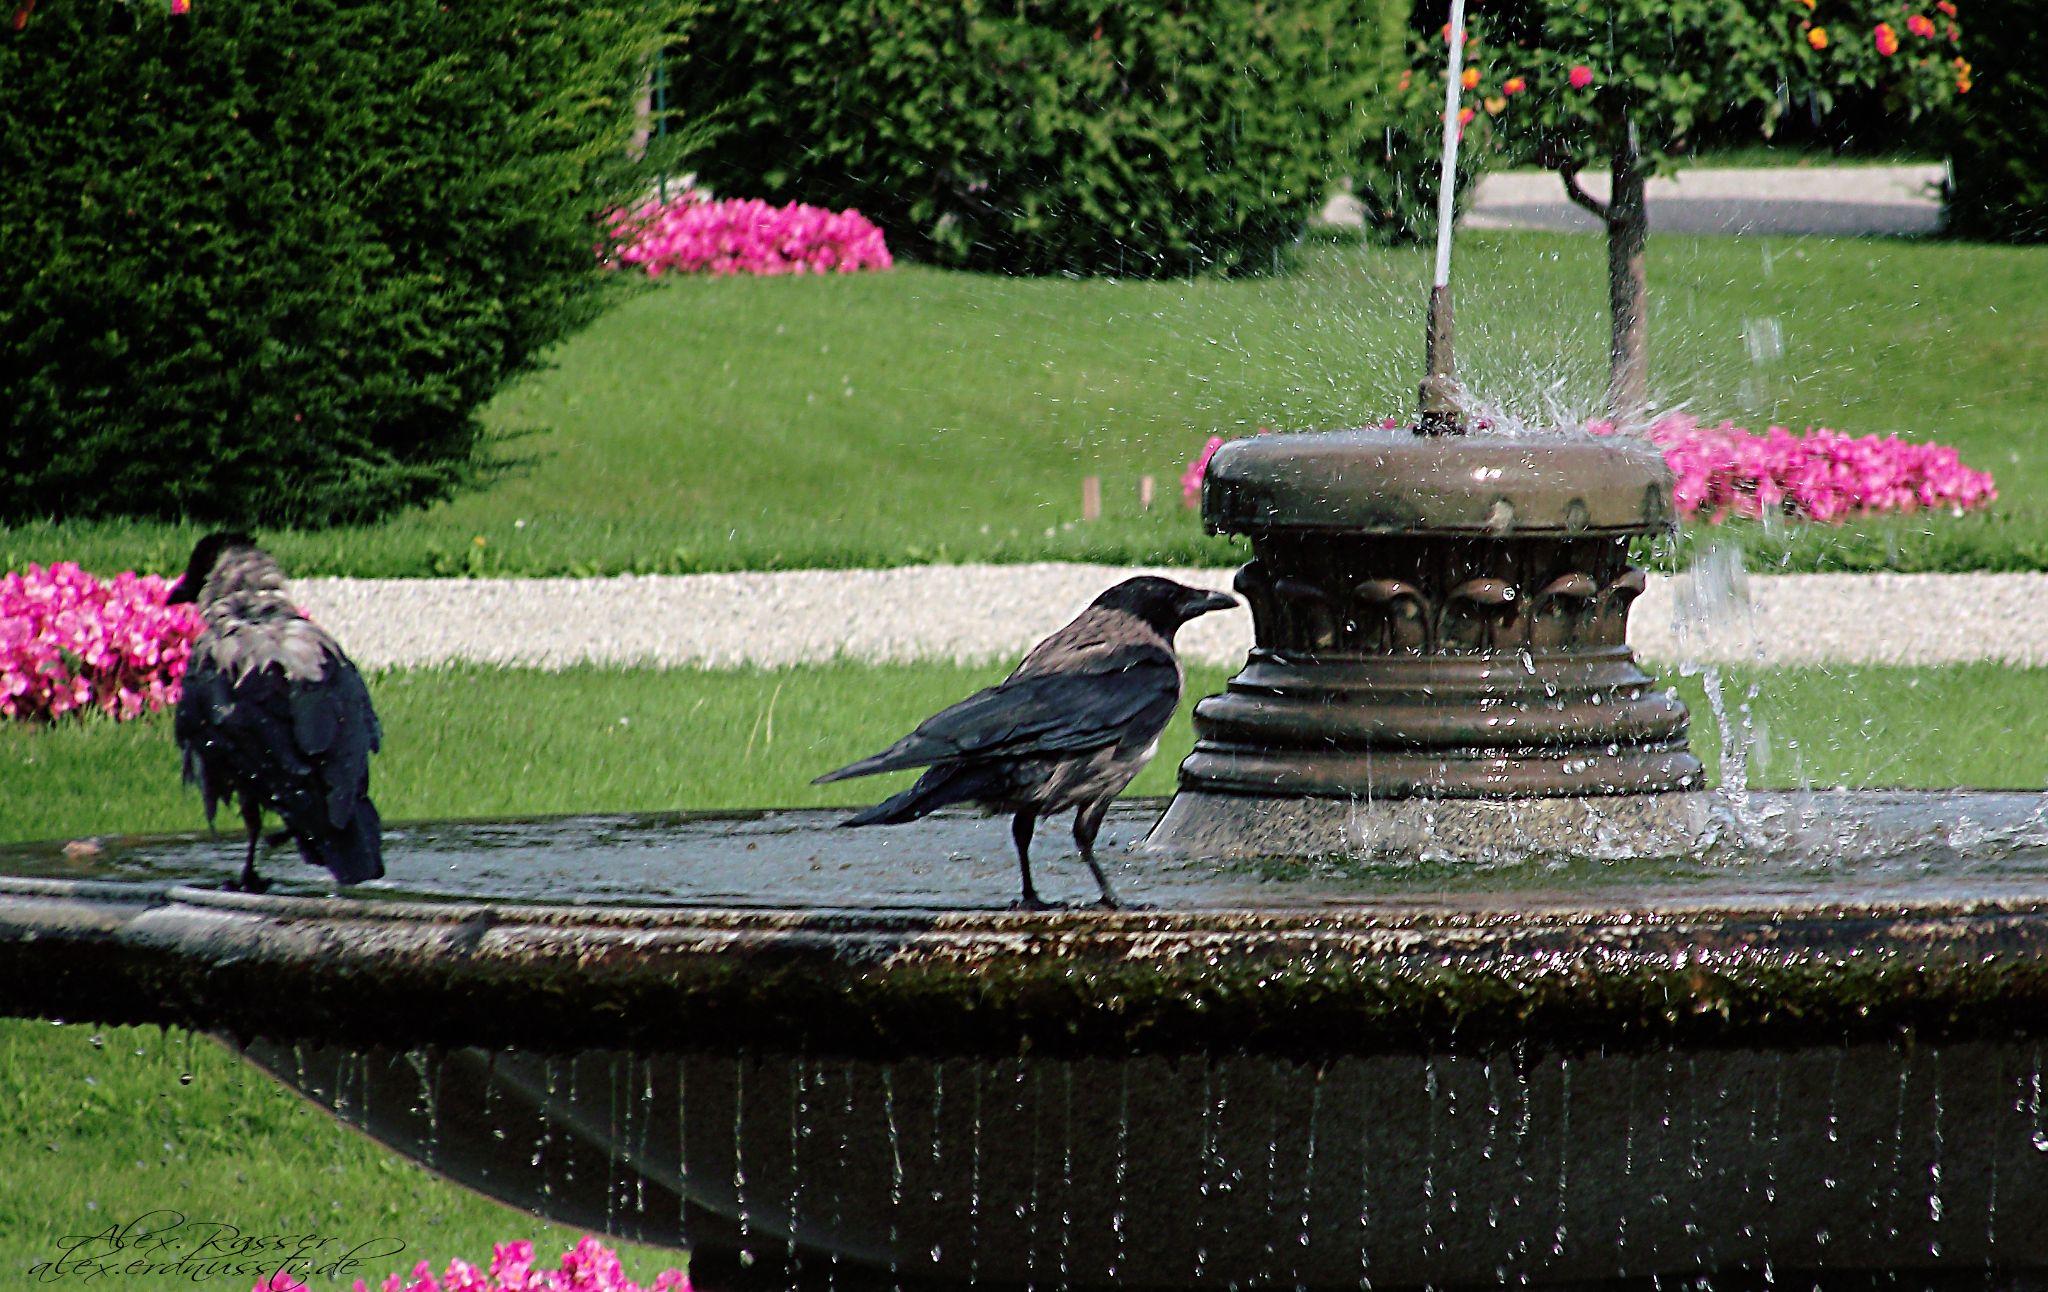 Vogelbad by alexrasser